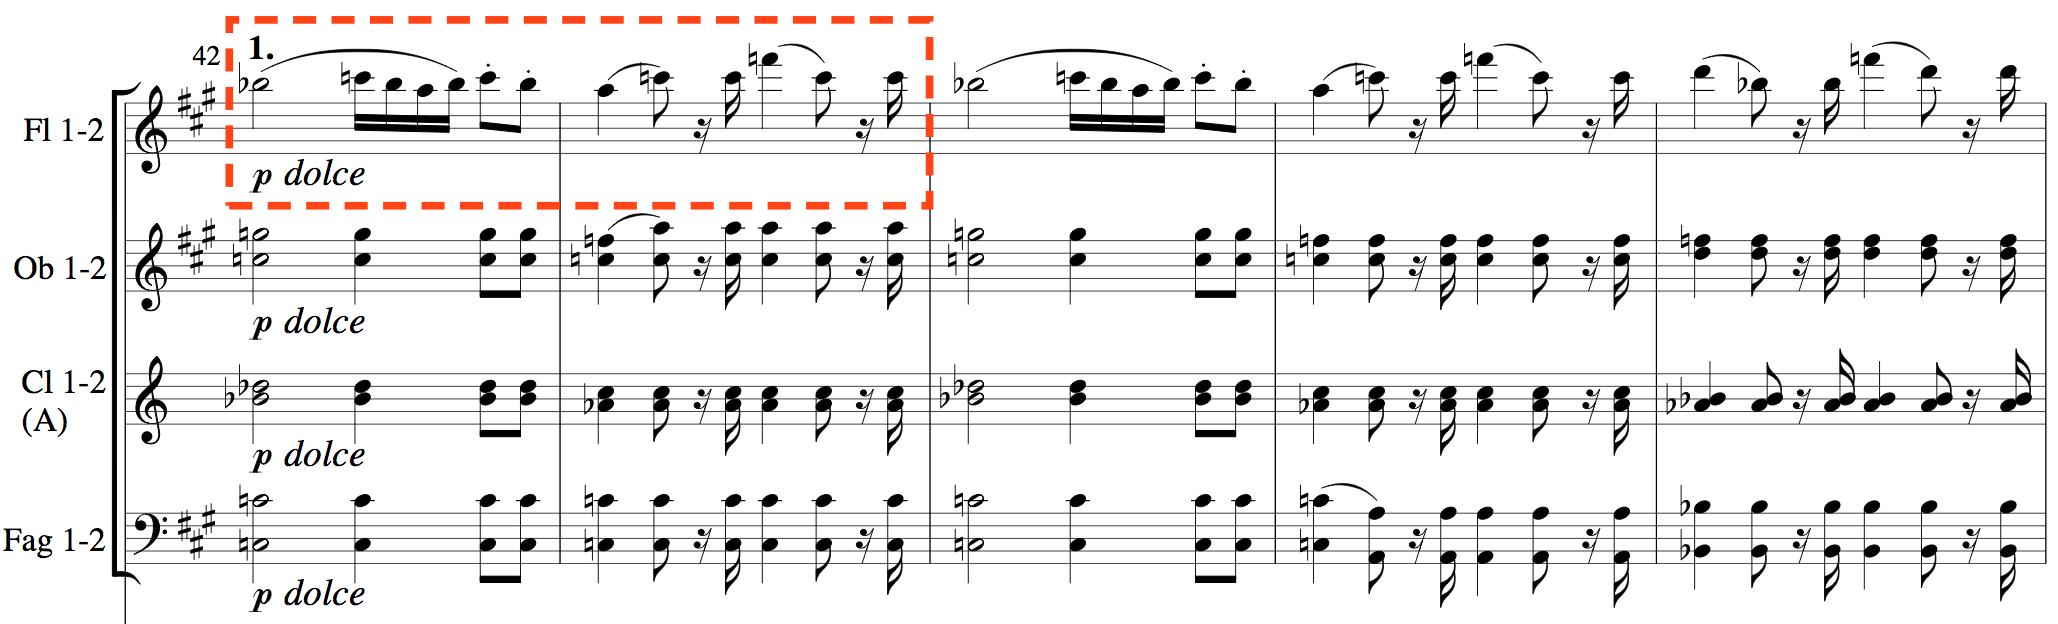 〖第42小節 2:51〗F大調,同樣的甜美主題移到F大調,由長笛演出